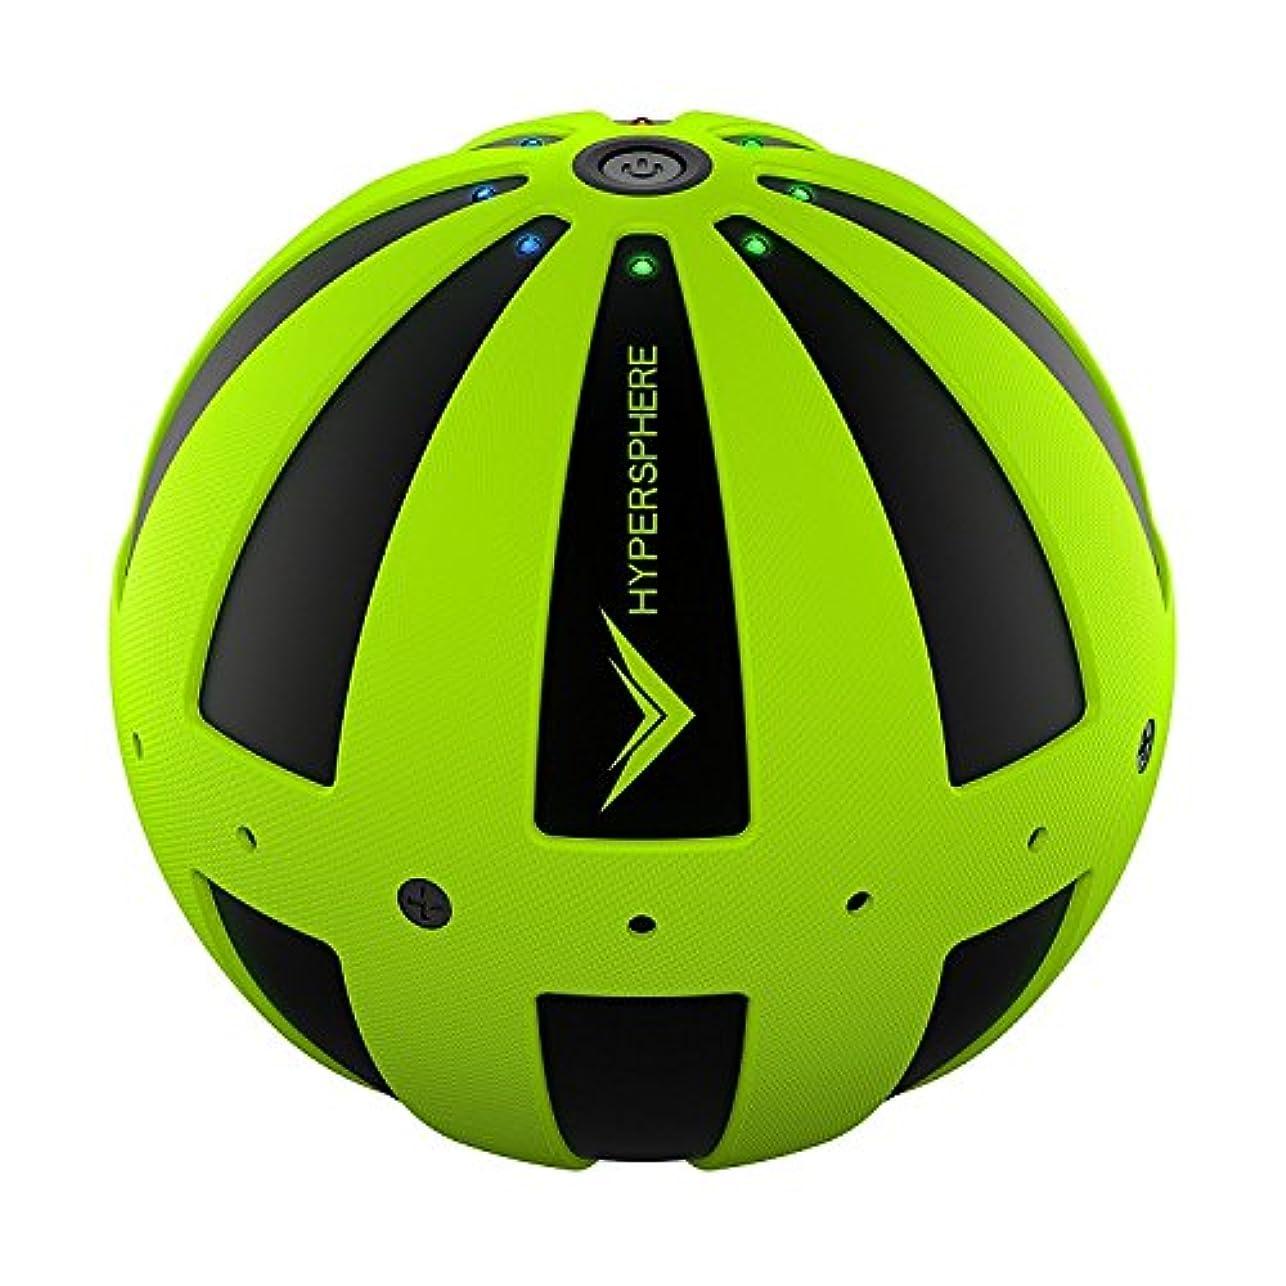 高層ビル構成する問い合わせHyperice Hypersphere Vibrating Therapy Ball (並行輸入品)